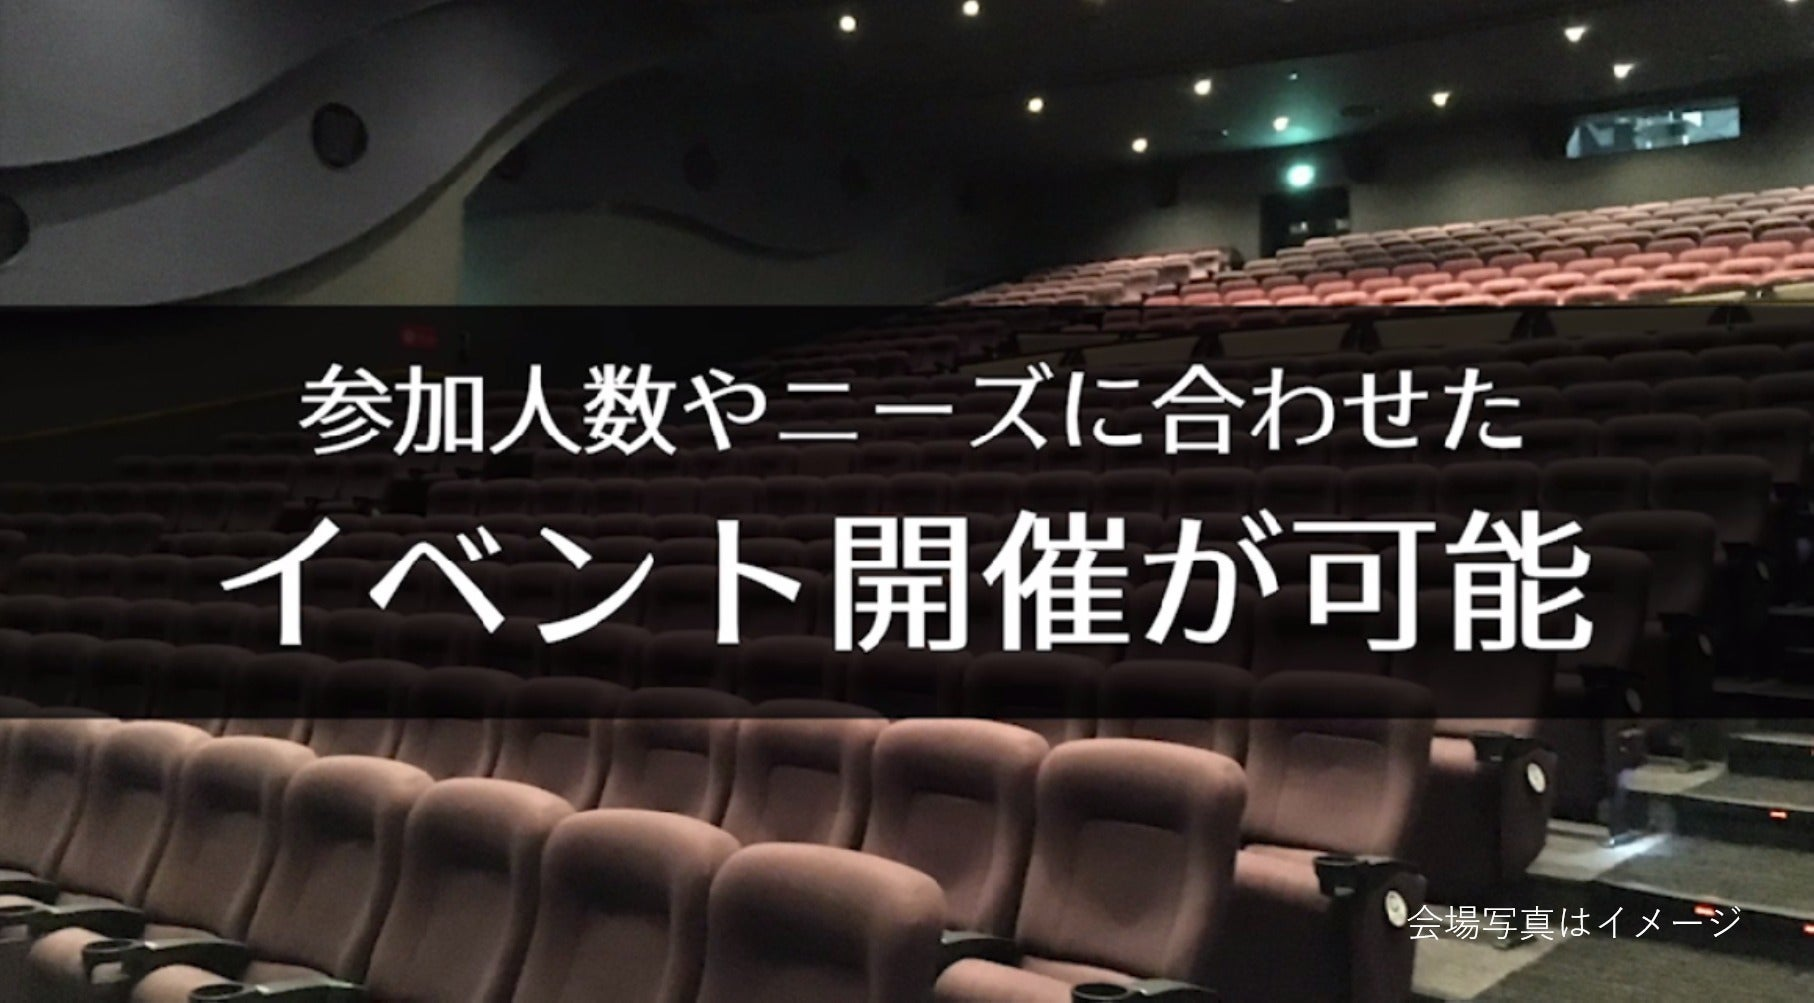 【金沢 376席】映画館で、会社説明会、株主総会、講演会の企画はいかがですか?